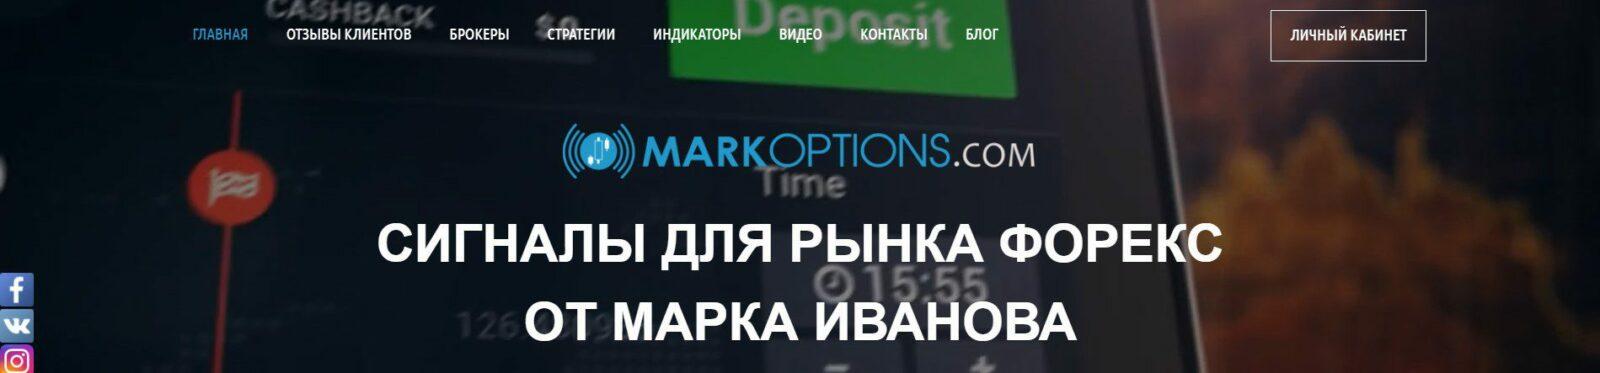 Markoption превью